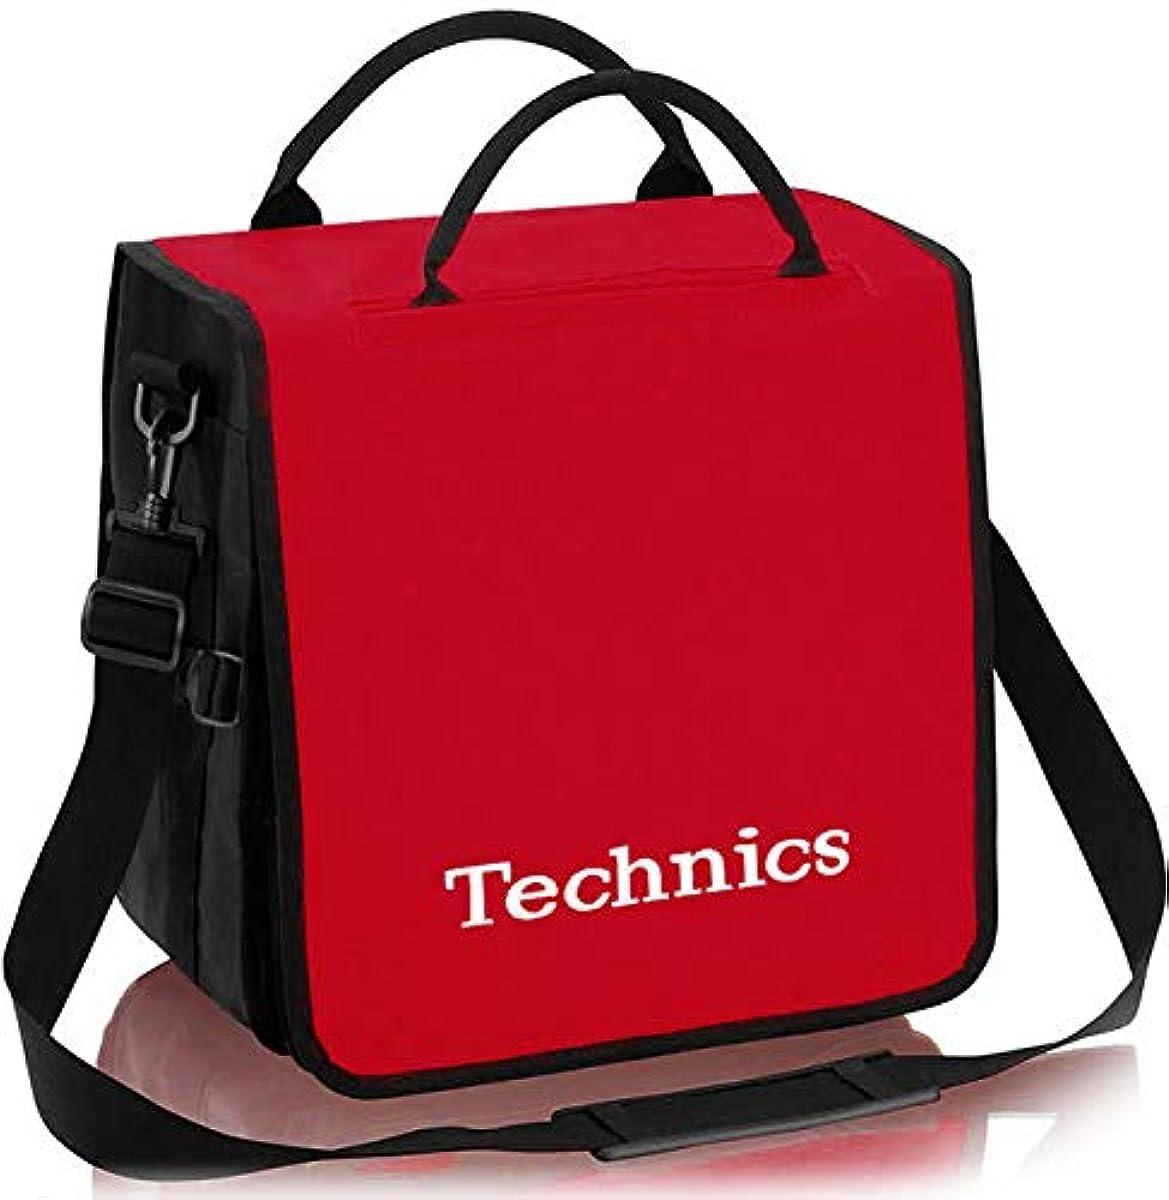 [해외] TECHNICS테크닉스 / BACKBAG RED 레코드 약60 매수납가 레코드 화이트